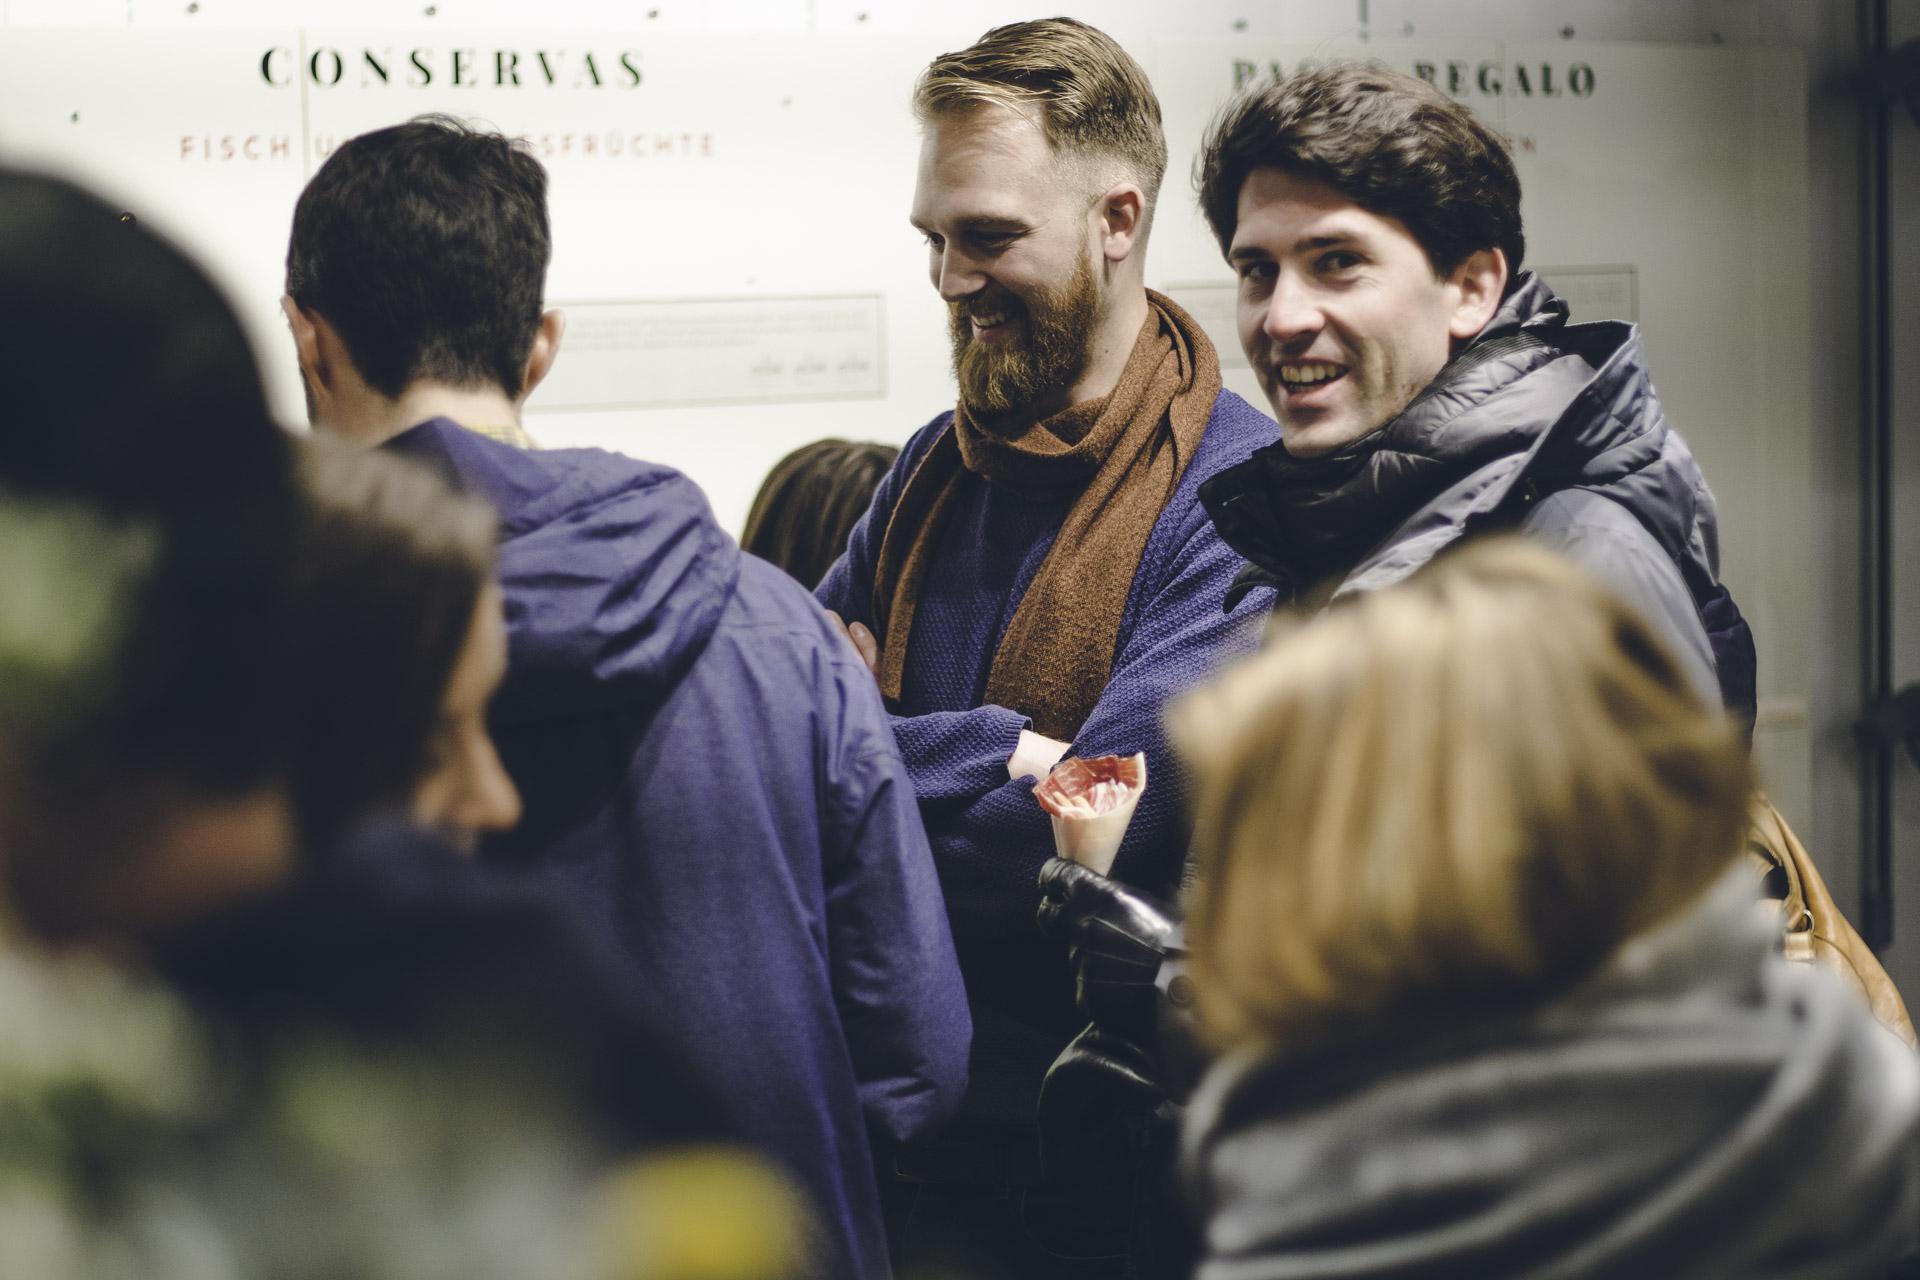 Eventfoto von lachenden Menschen in WInterklamotten in MÜnchen